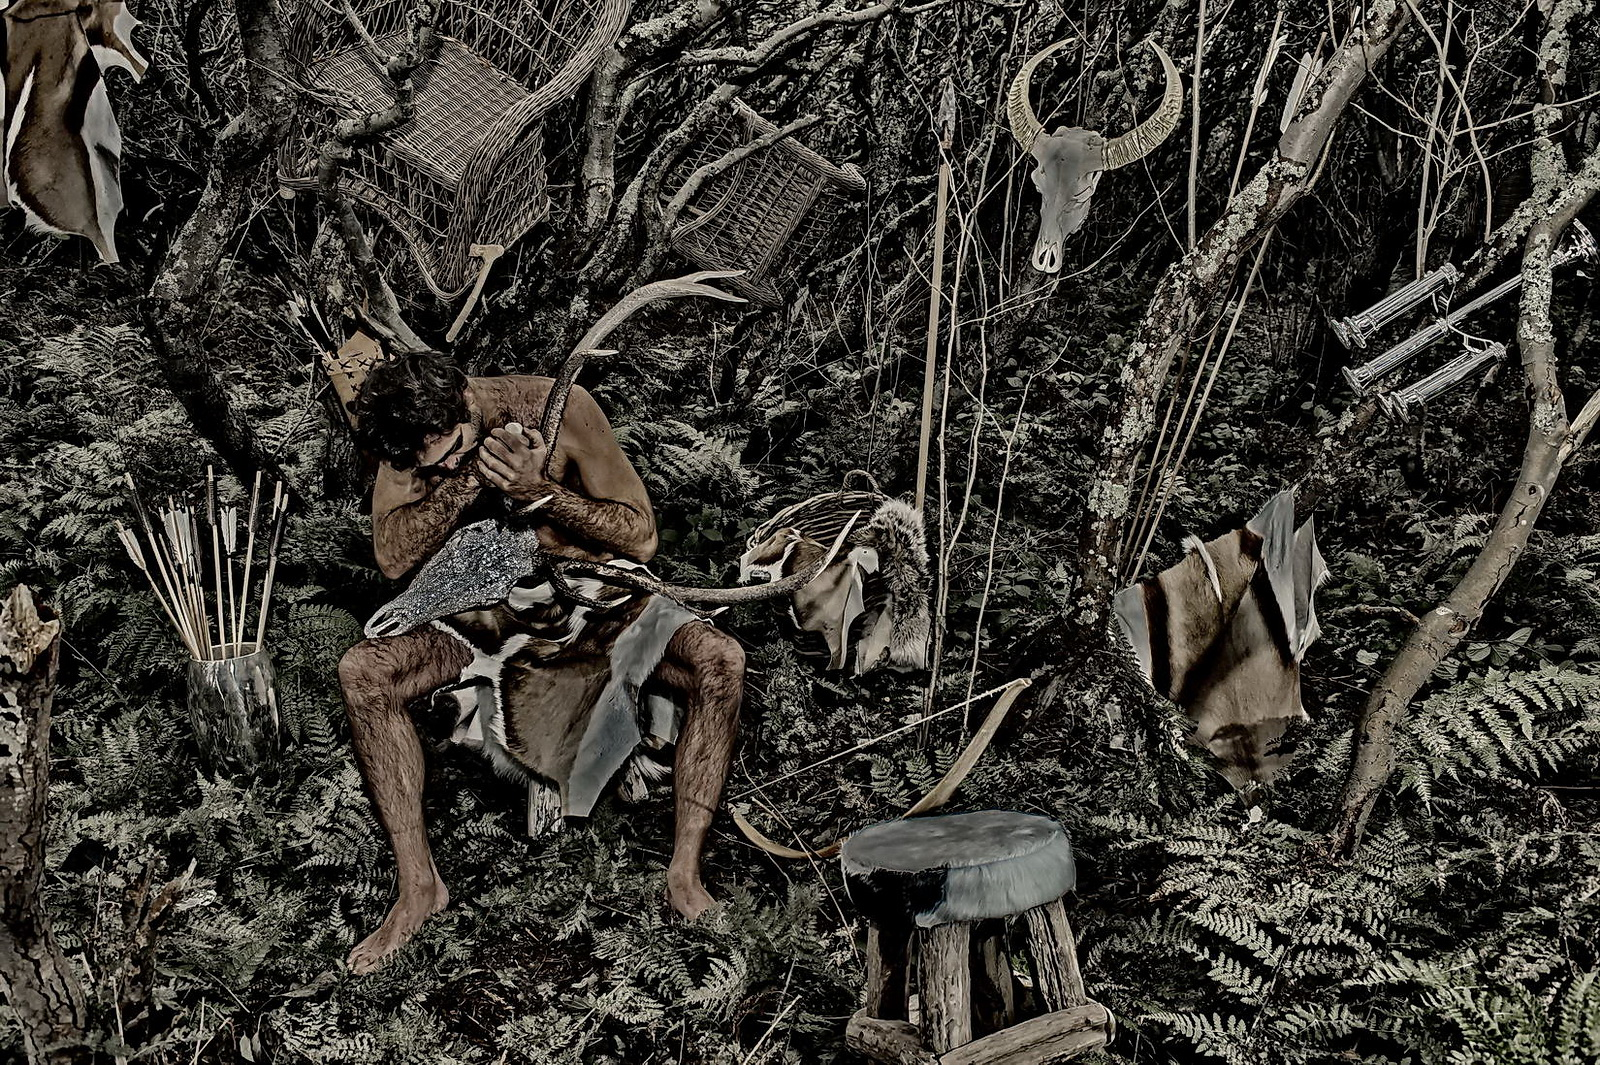 Ein nachkter Man in sylter Wald, nur mit einem Fell bestückt arbeitet und schnitzt einen Swarowski-Geweih. Drumherum sind diverse Gegenstände verteilt